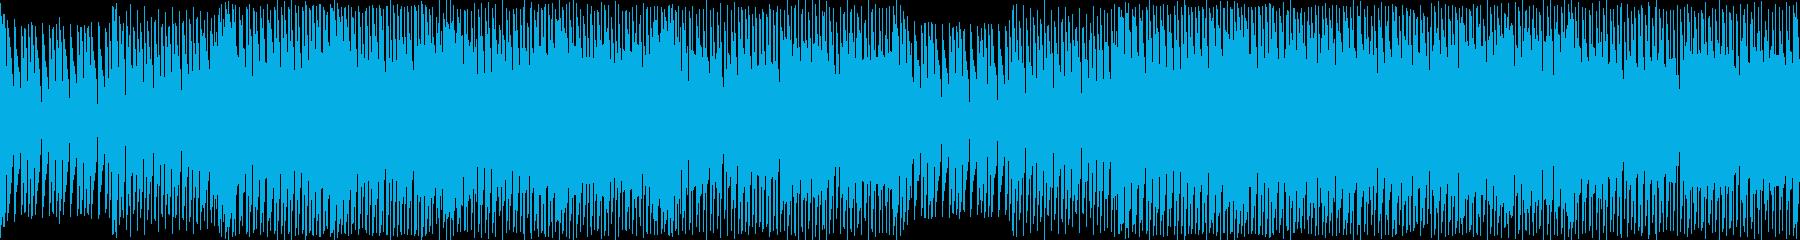 ジュリアナ系ハイパーテクノレイブの再生済みの波形